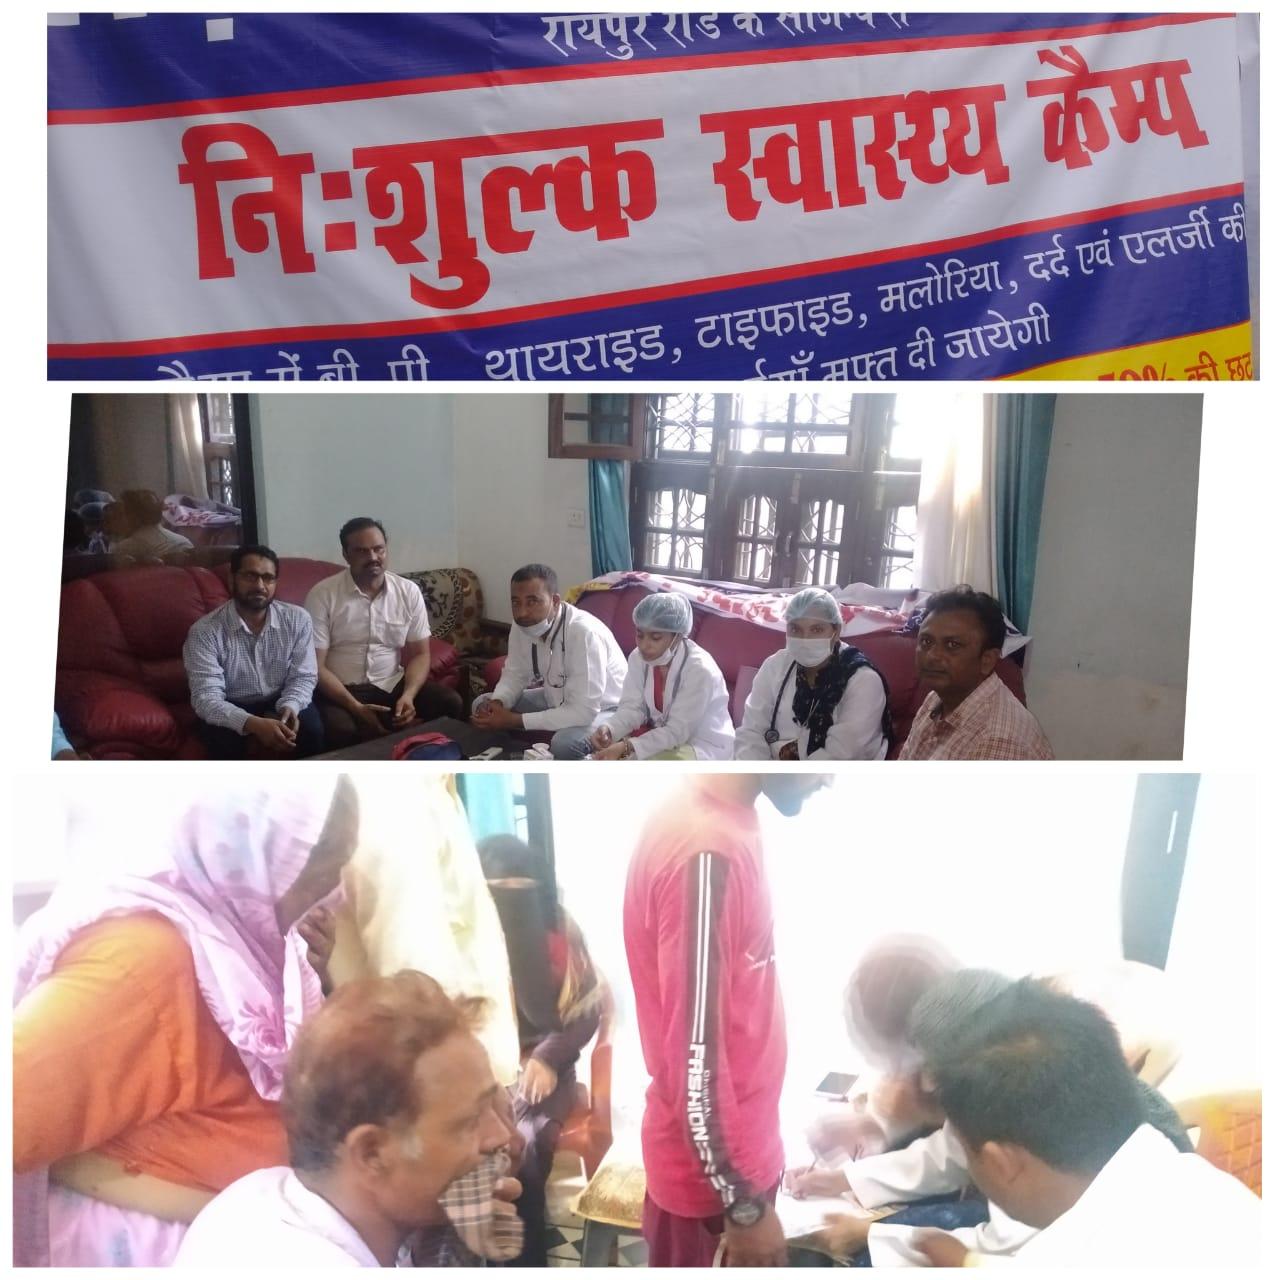 सपा जिला उपाध्यक्ष खुर्शीद मंसूरी के आवास पर निः शुल्क स्वास्थ्य कैम्प का आयोजन